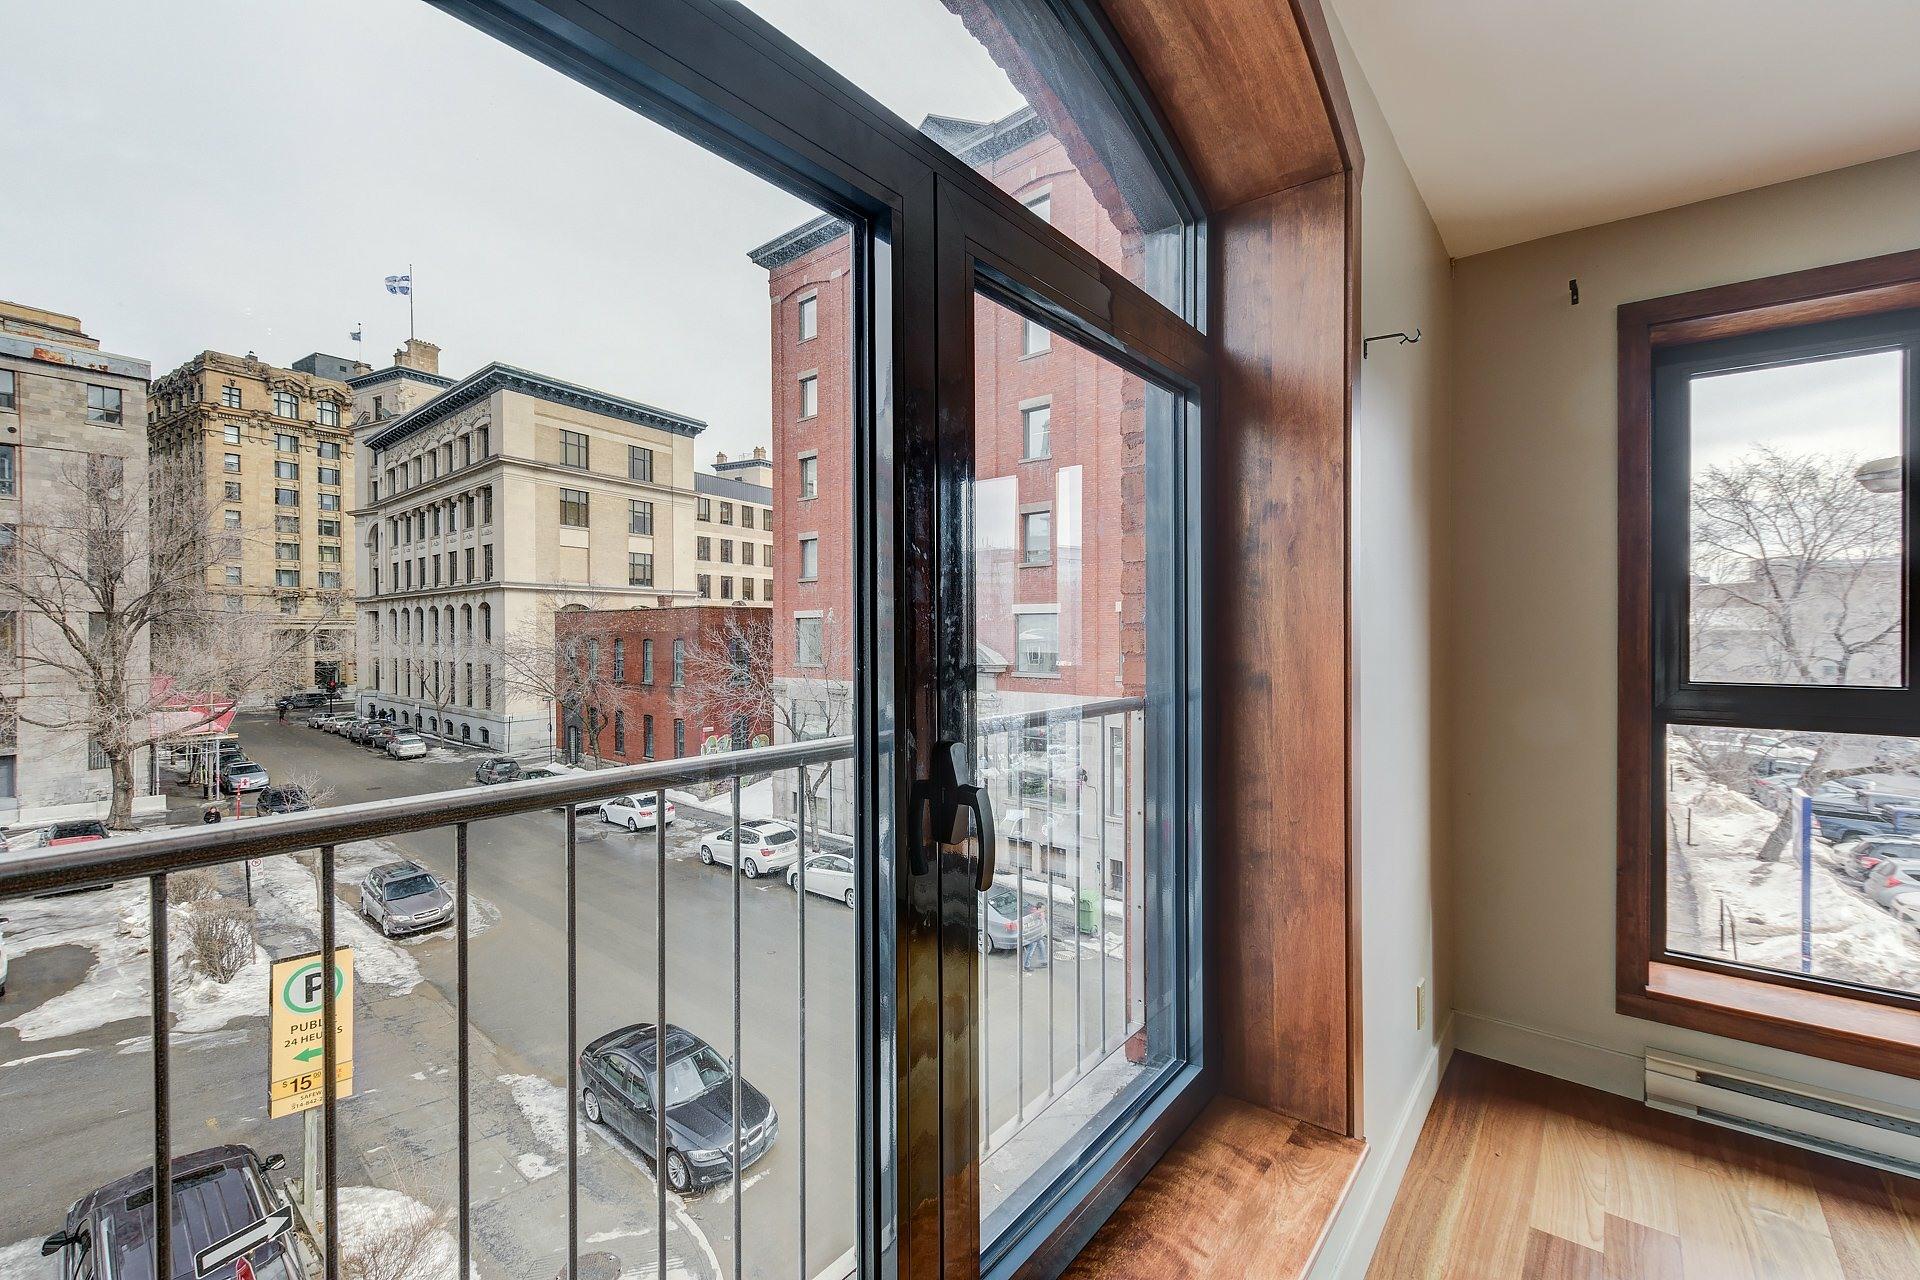 image 4 - Appartement À louer Ville-Marie Montréal  - 3 pièces